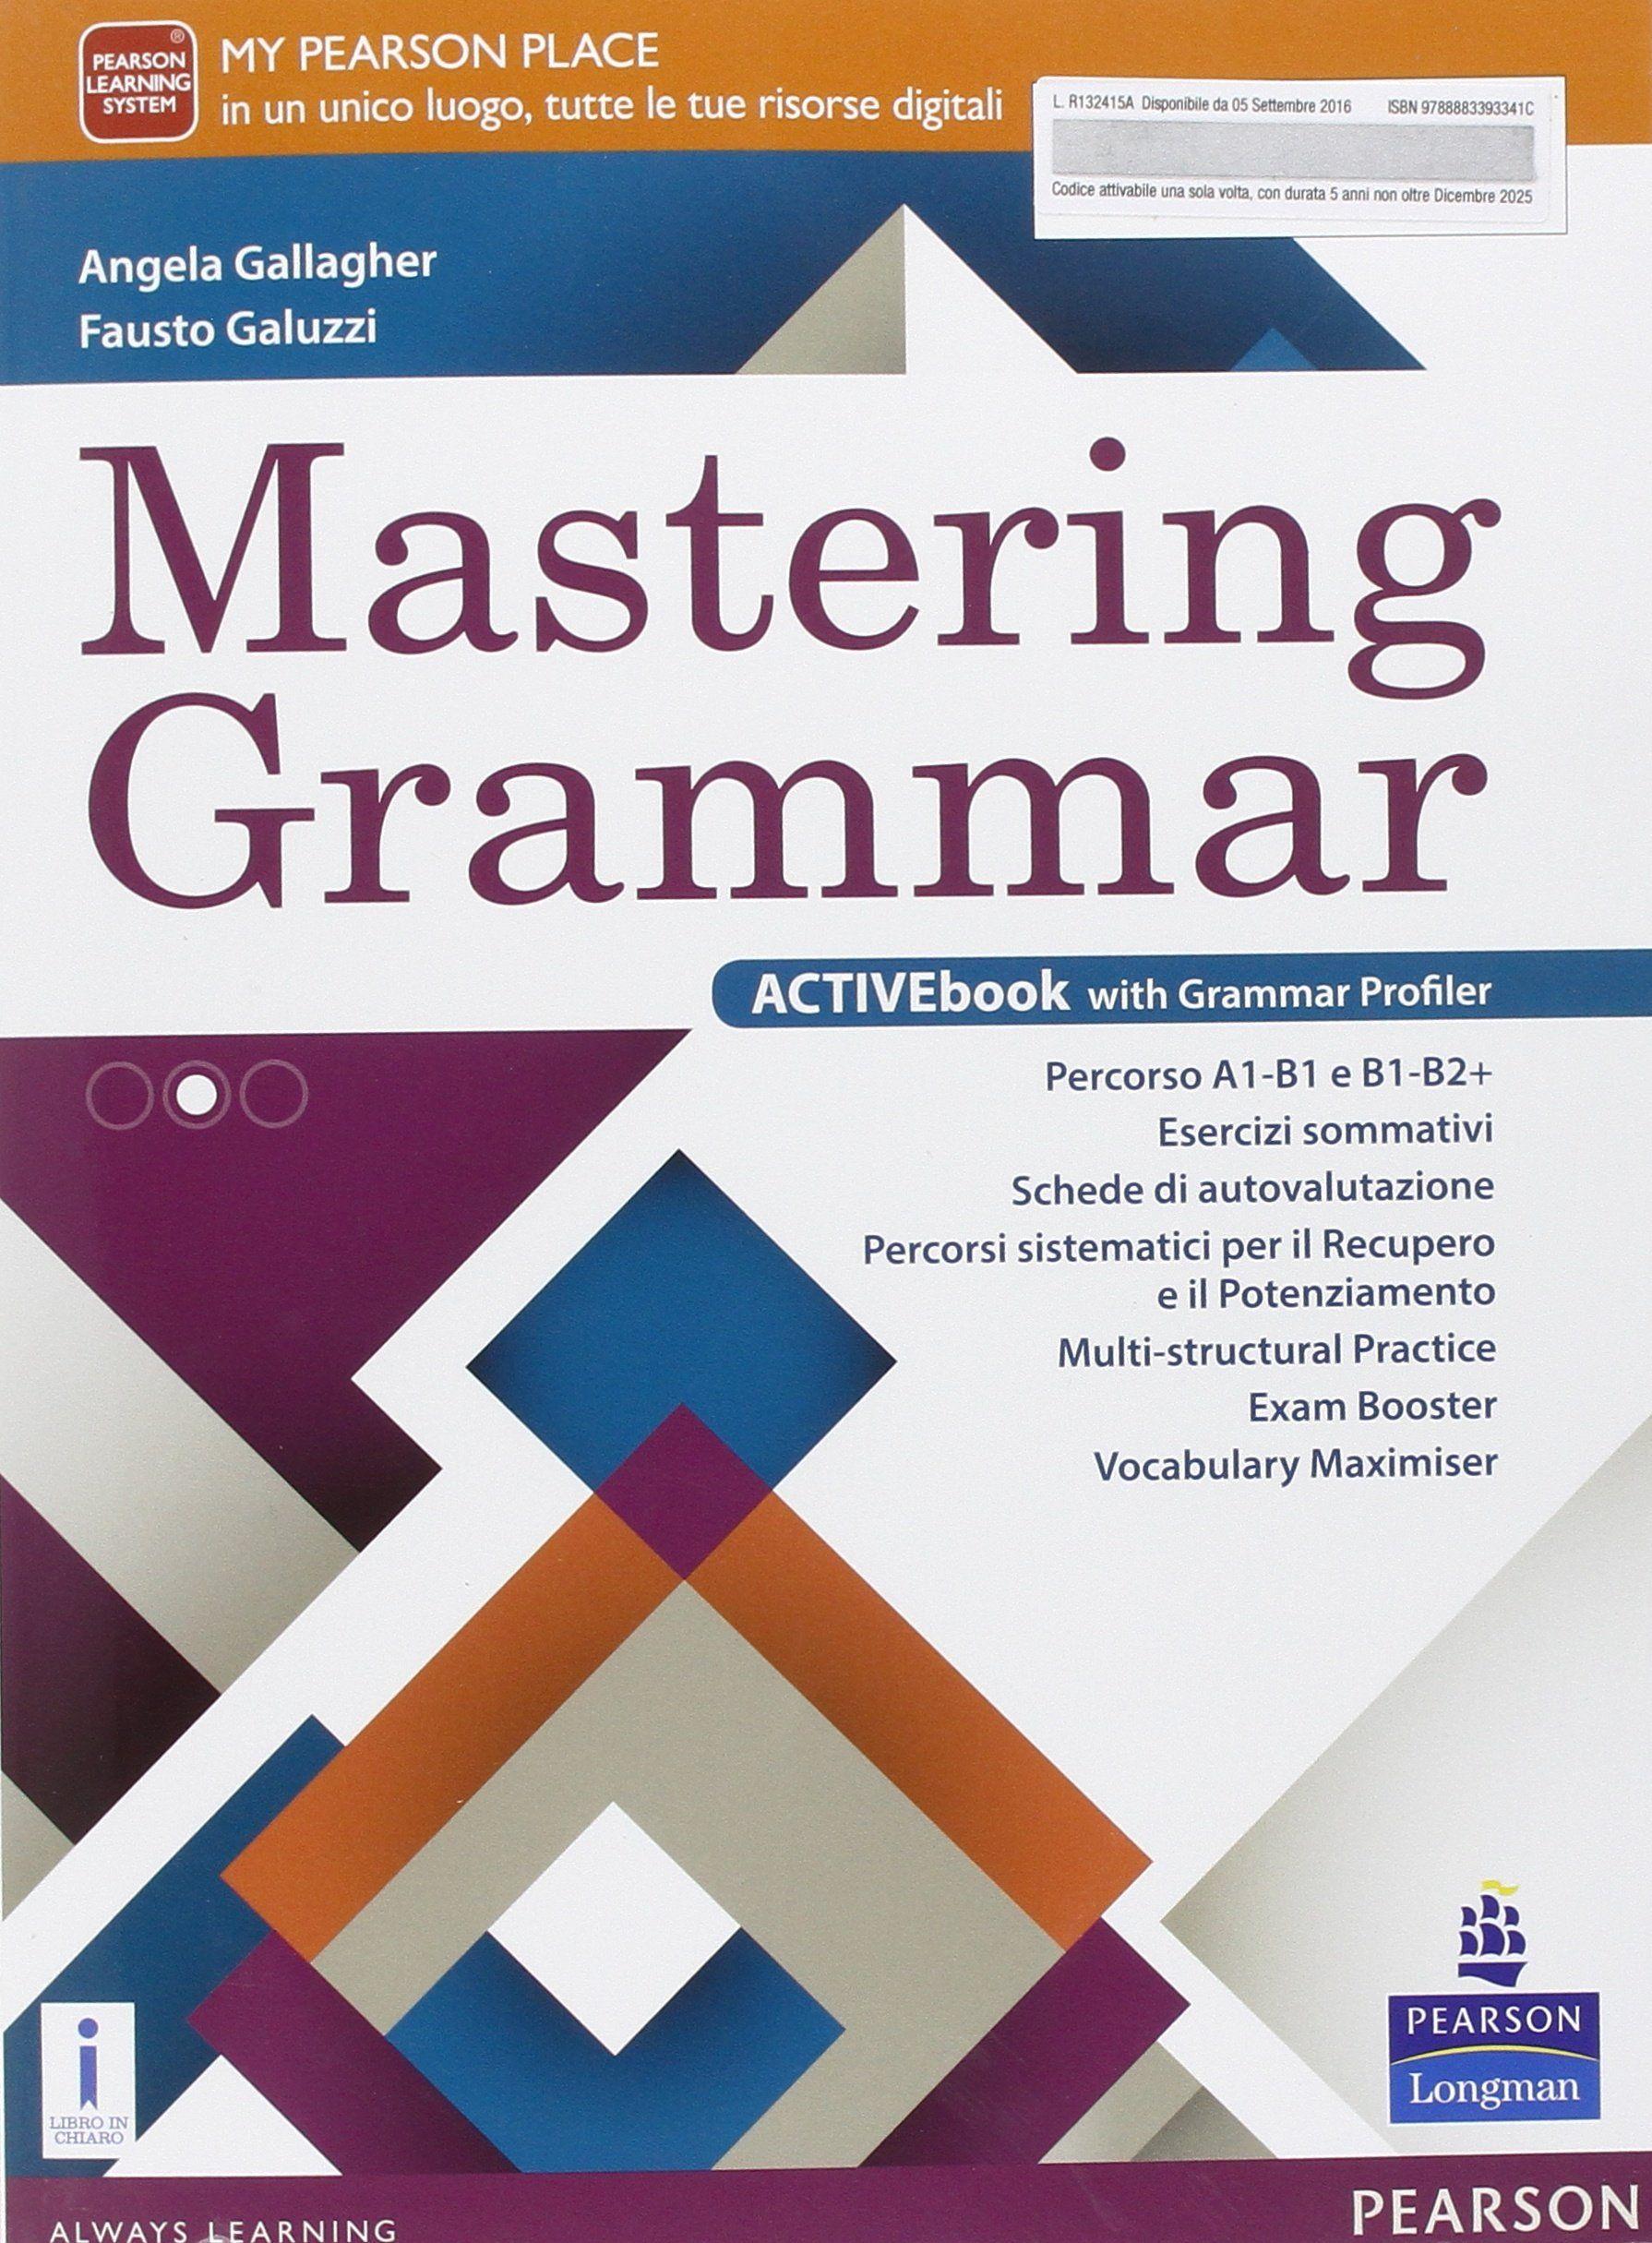 Mastering Grammar Per Le Scuole Superiori Con E Book Con Espansione Online Sponsored Le Scuole Mastering Grammar Nel 2020 Scuole Superiori Mastering Scuola